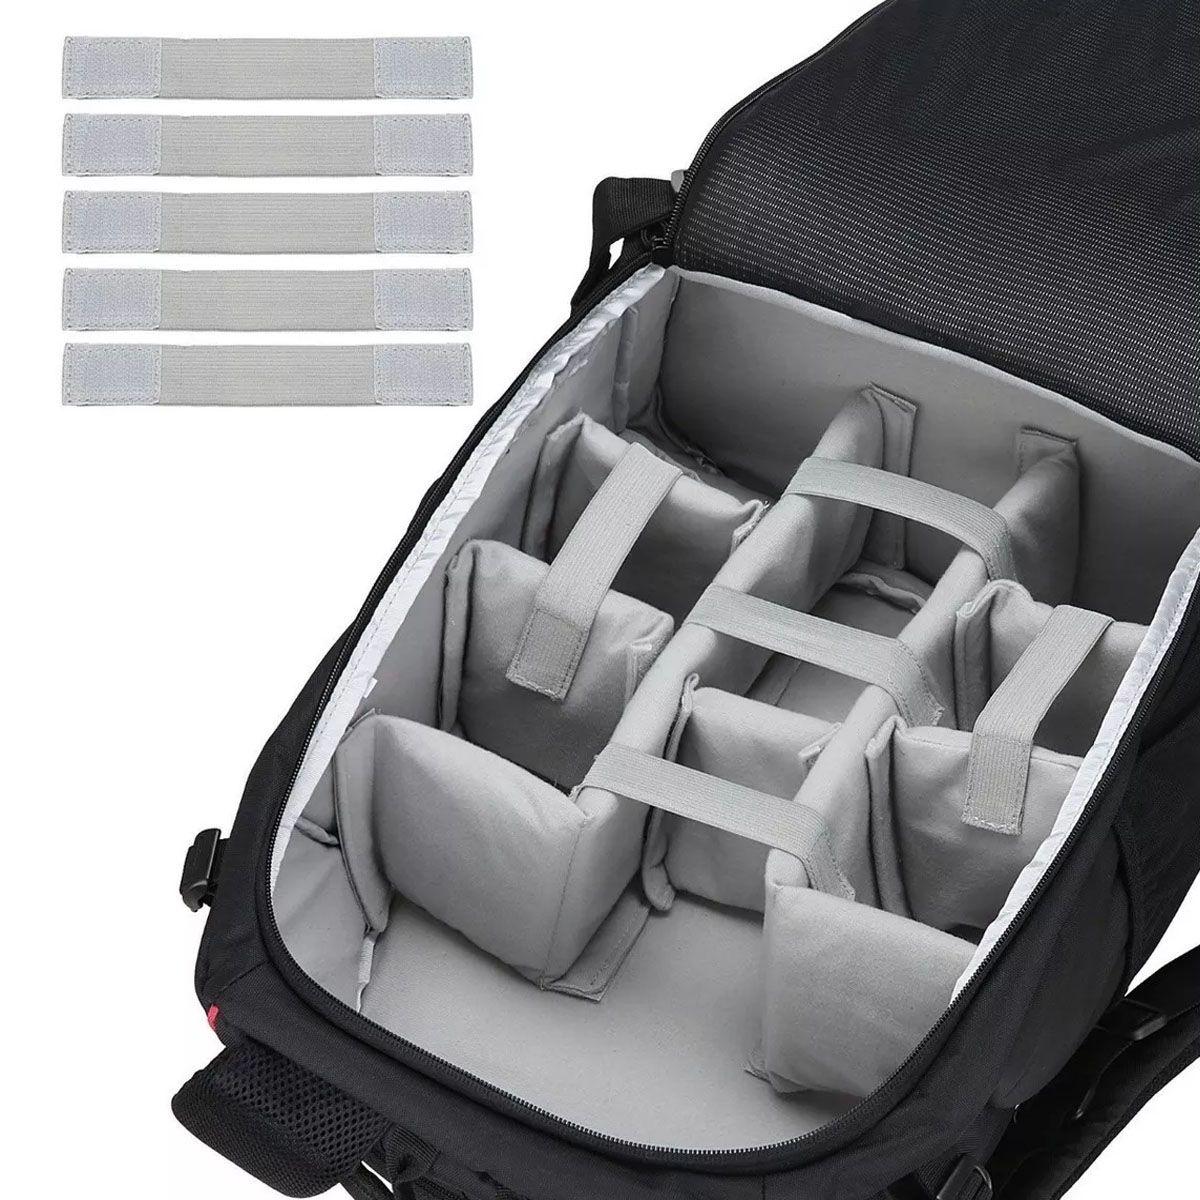 Mochila DSLR Filmadora Tablet - Ortex K7 com Kit de Limpeza EC01  - Diafilme Materiais Fotográficos